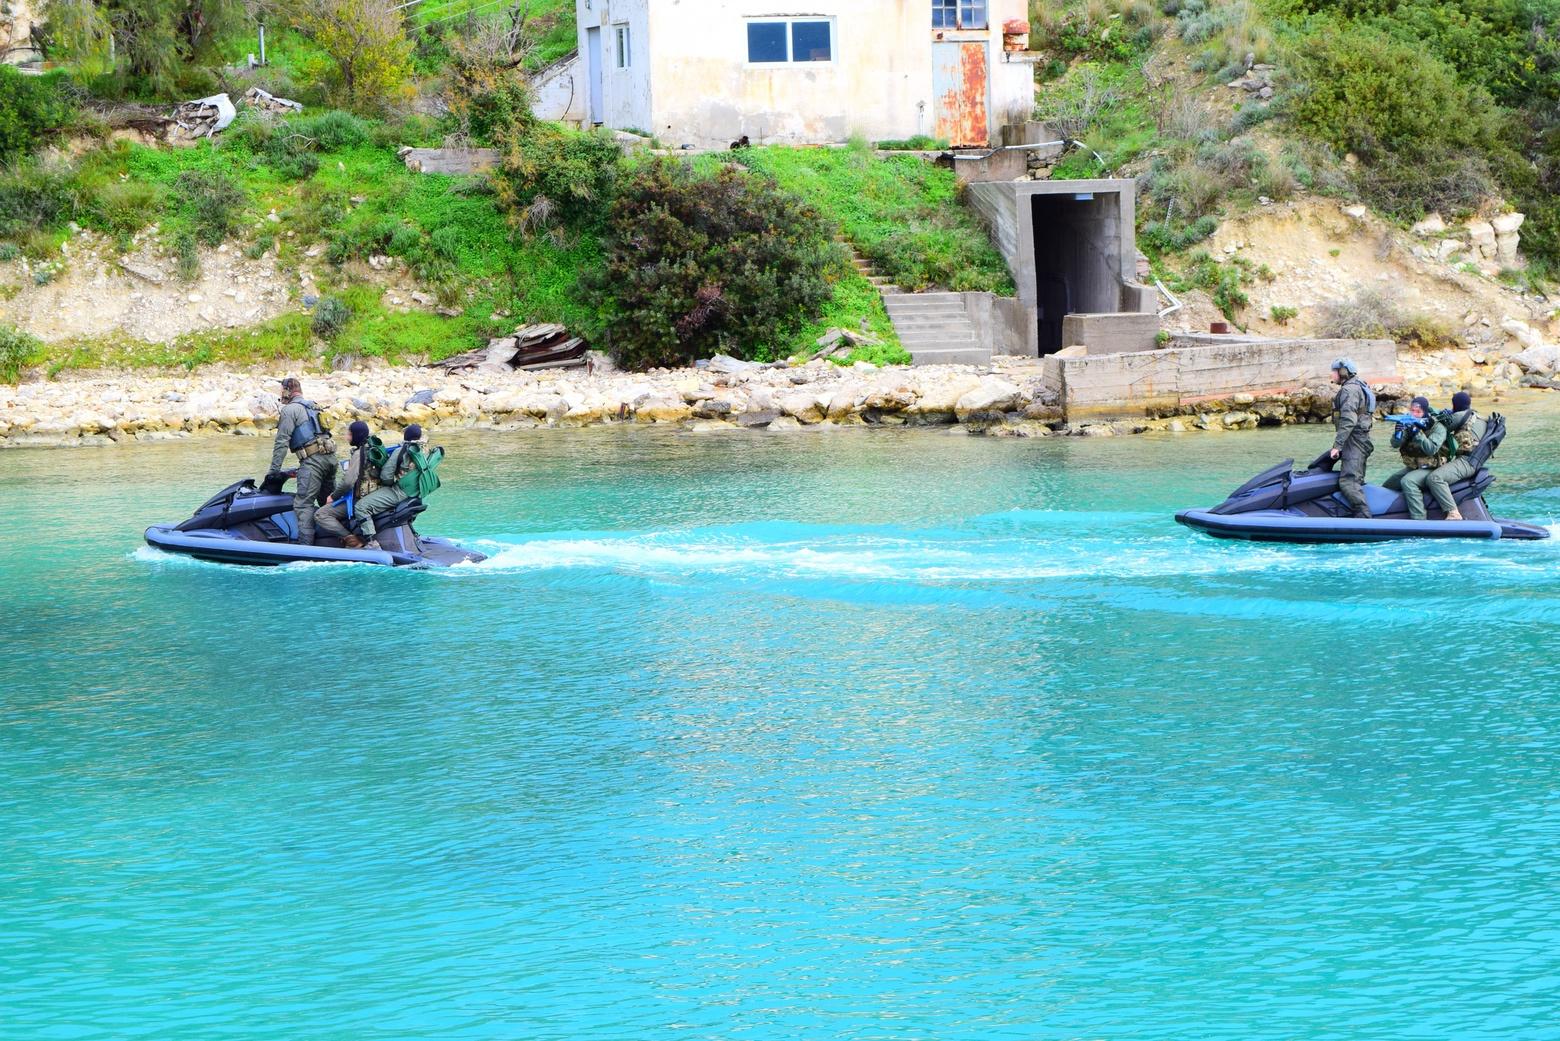 Διακρατική άσκηση Ελλάδας-Κύπρου–ΗΠΑ στη Σούδα από Δυνάμεις Ειδικών Επιχειρήσεων 30